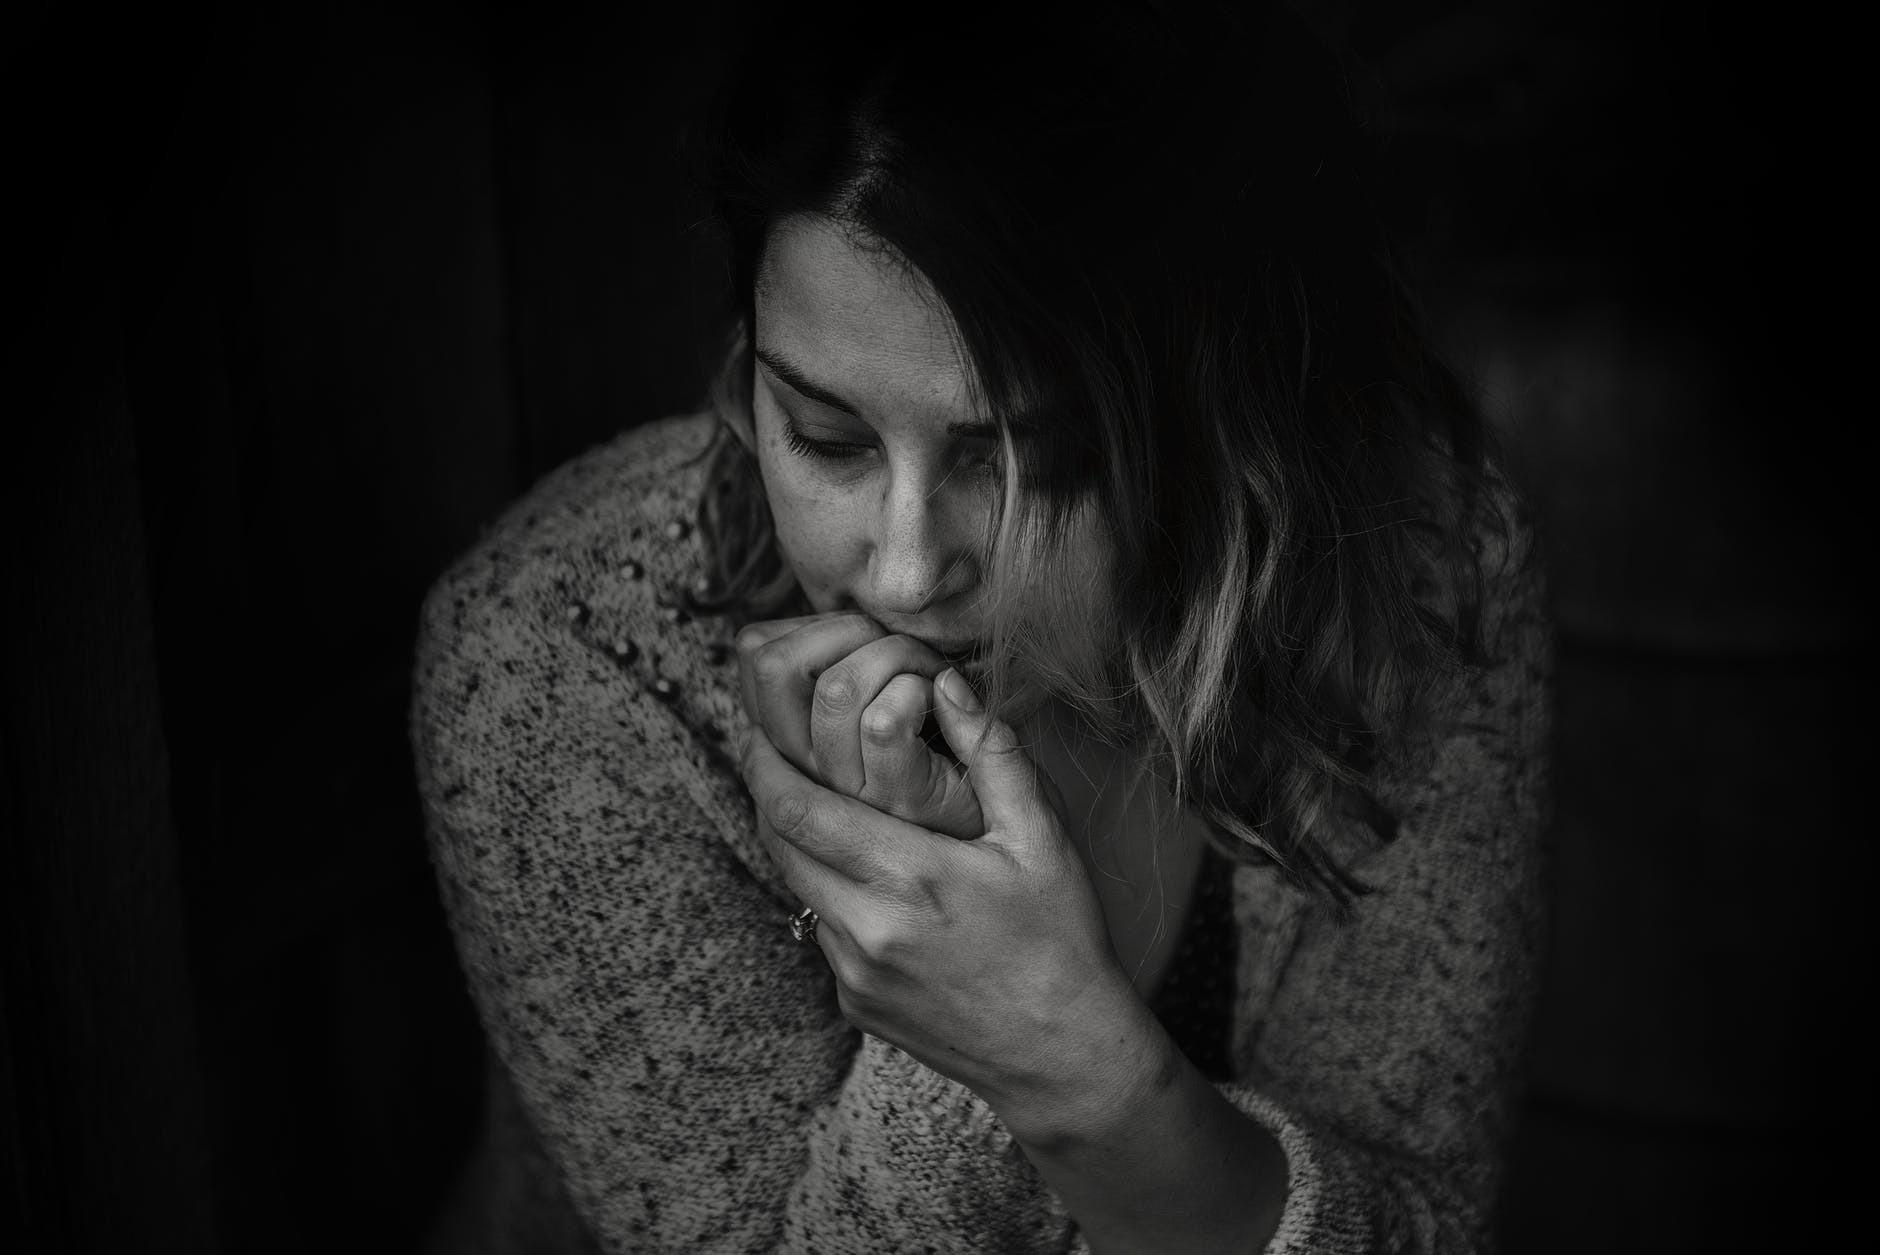 Как не принимать все близко к сердцу: причины и 12 шагов, чтобы наладить ситуацию